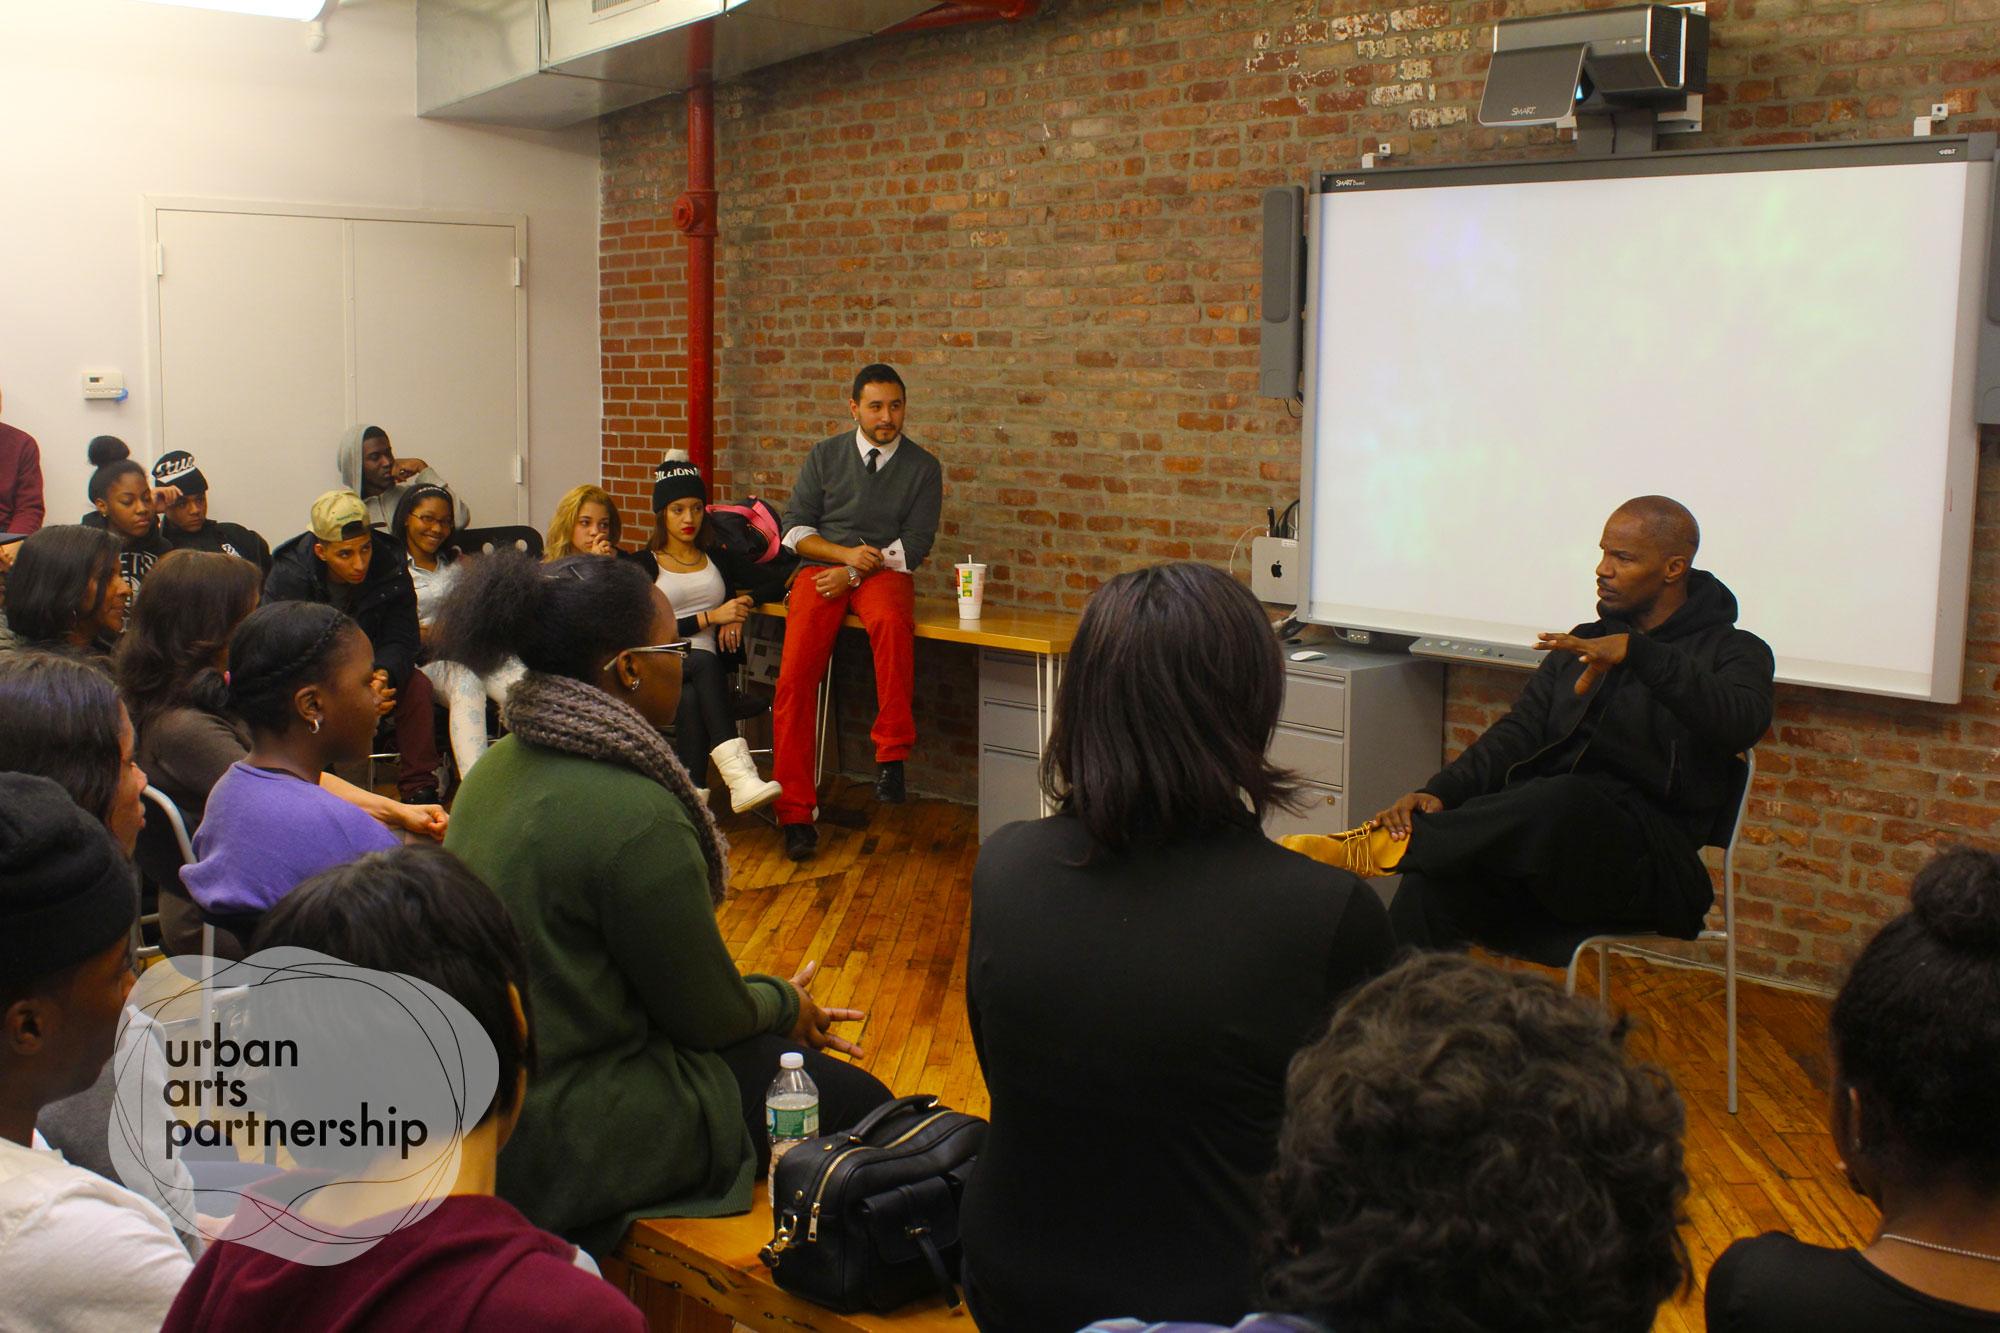 a-jamie foxx-rosie perez-speaks to students-urban arts partnership-the jasmine brand